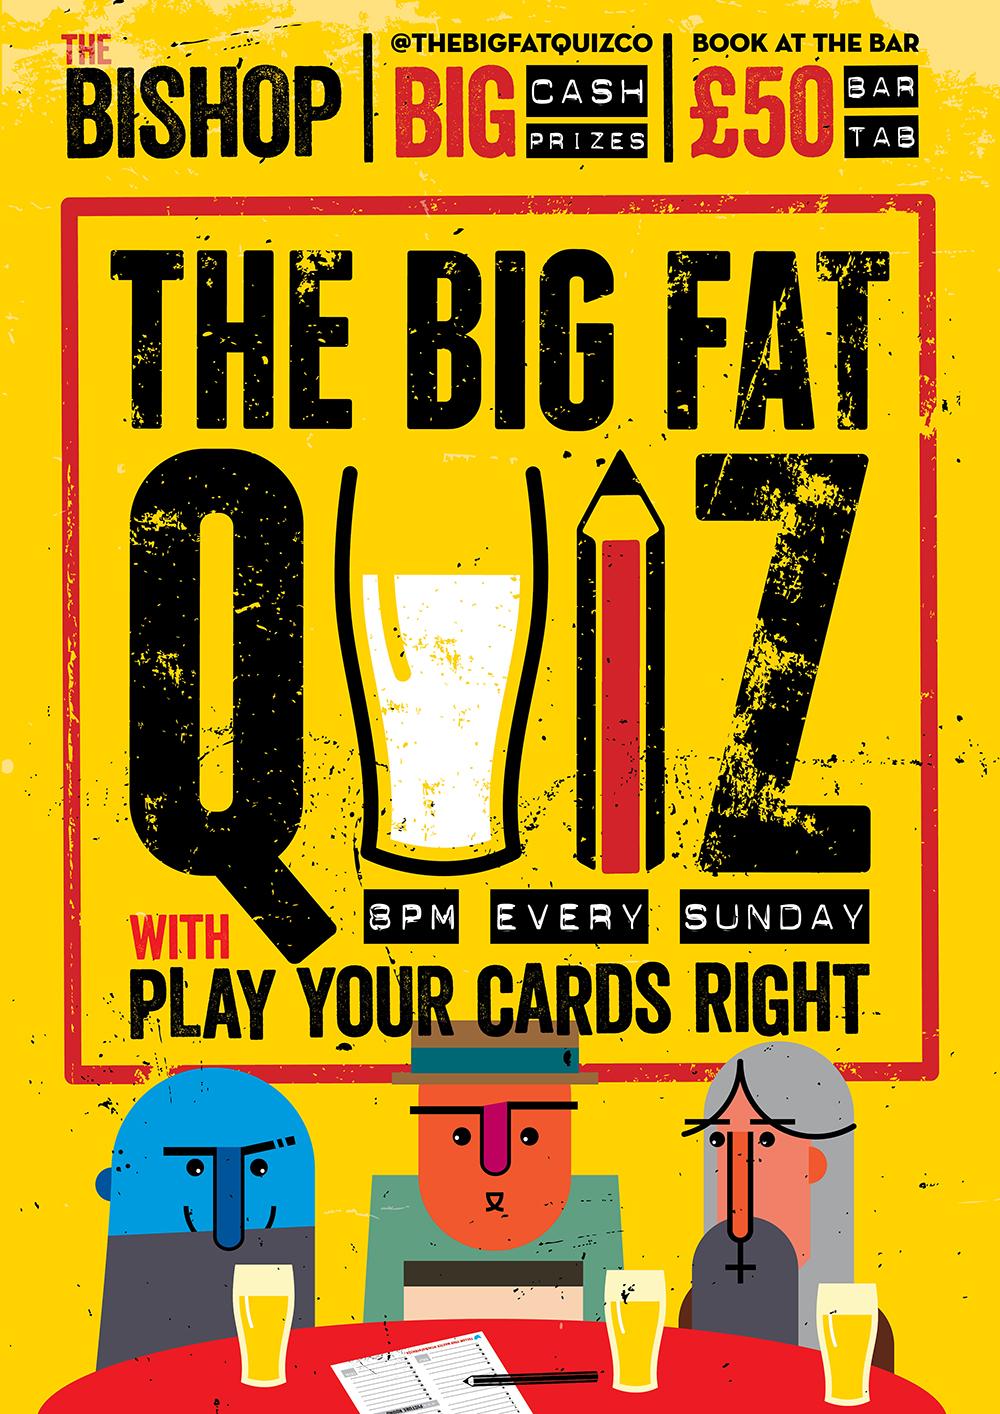 TBFQC Poster 3.jpg